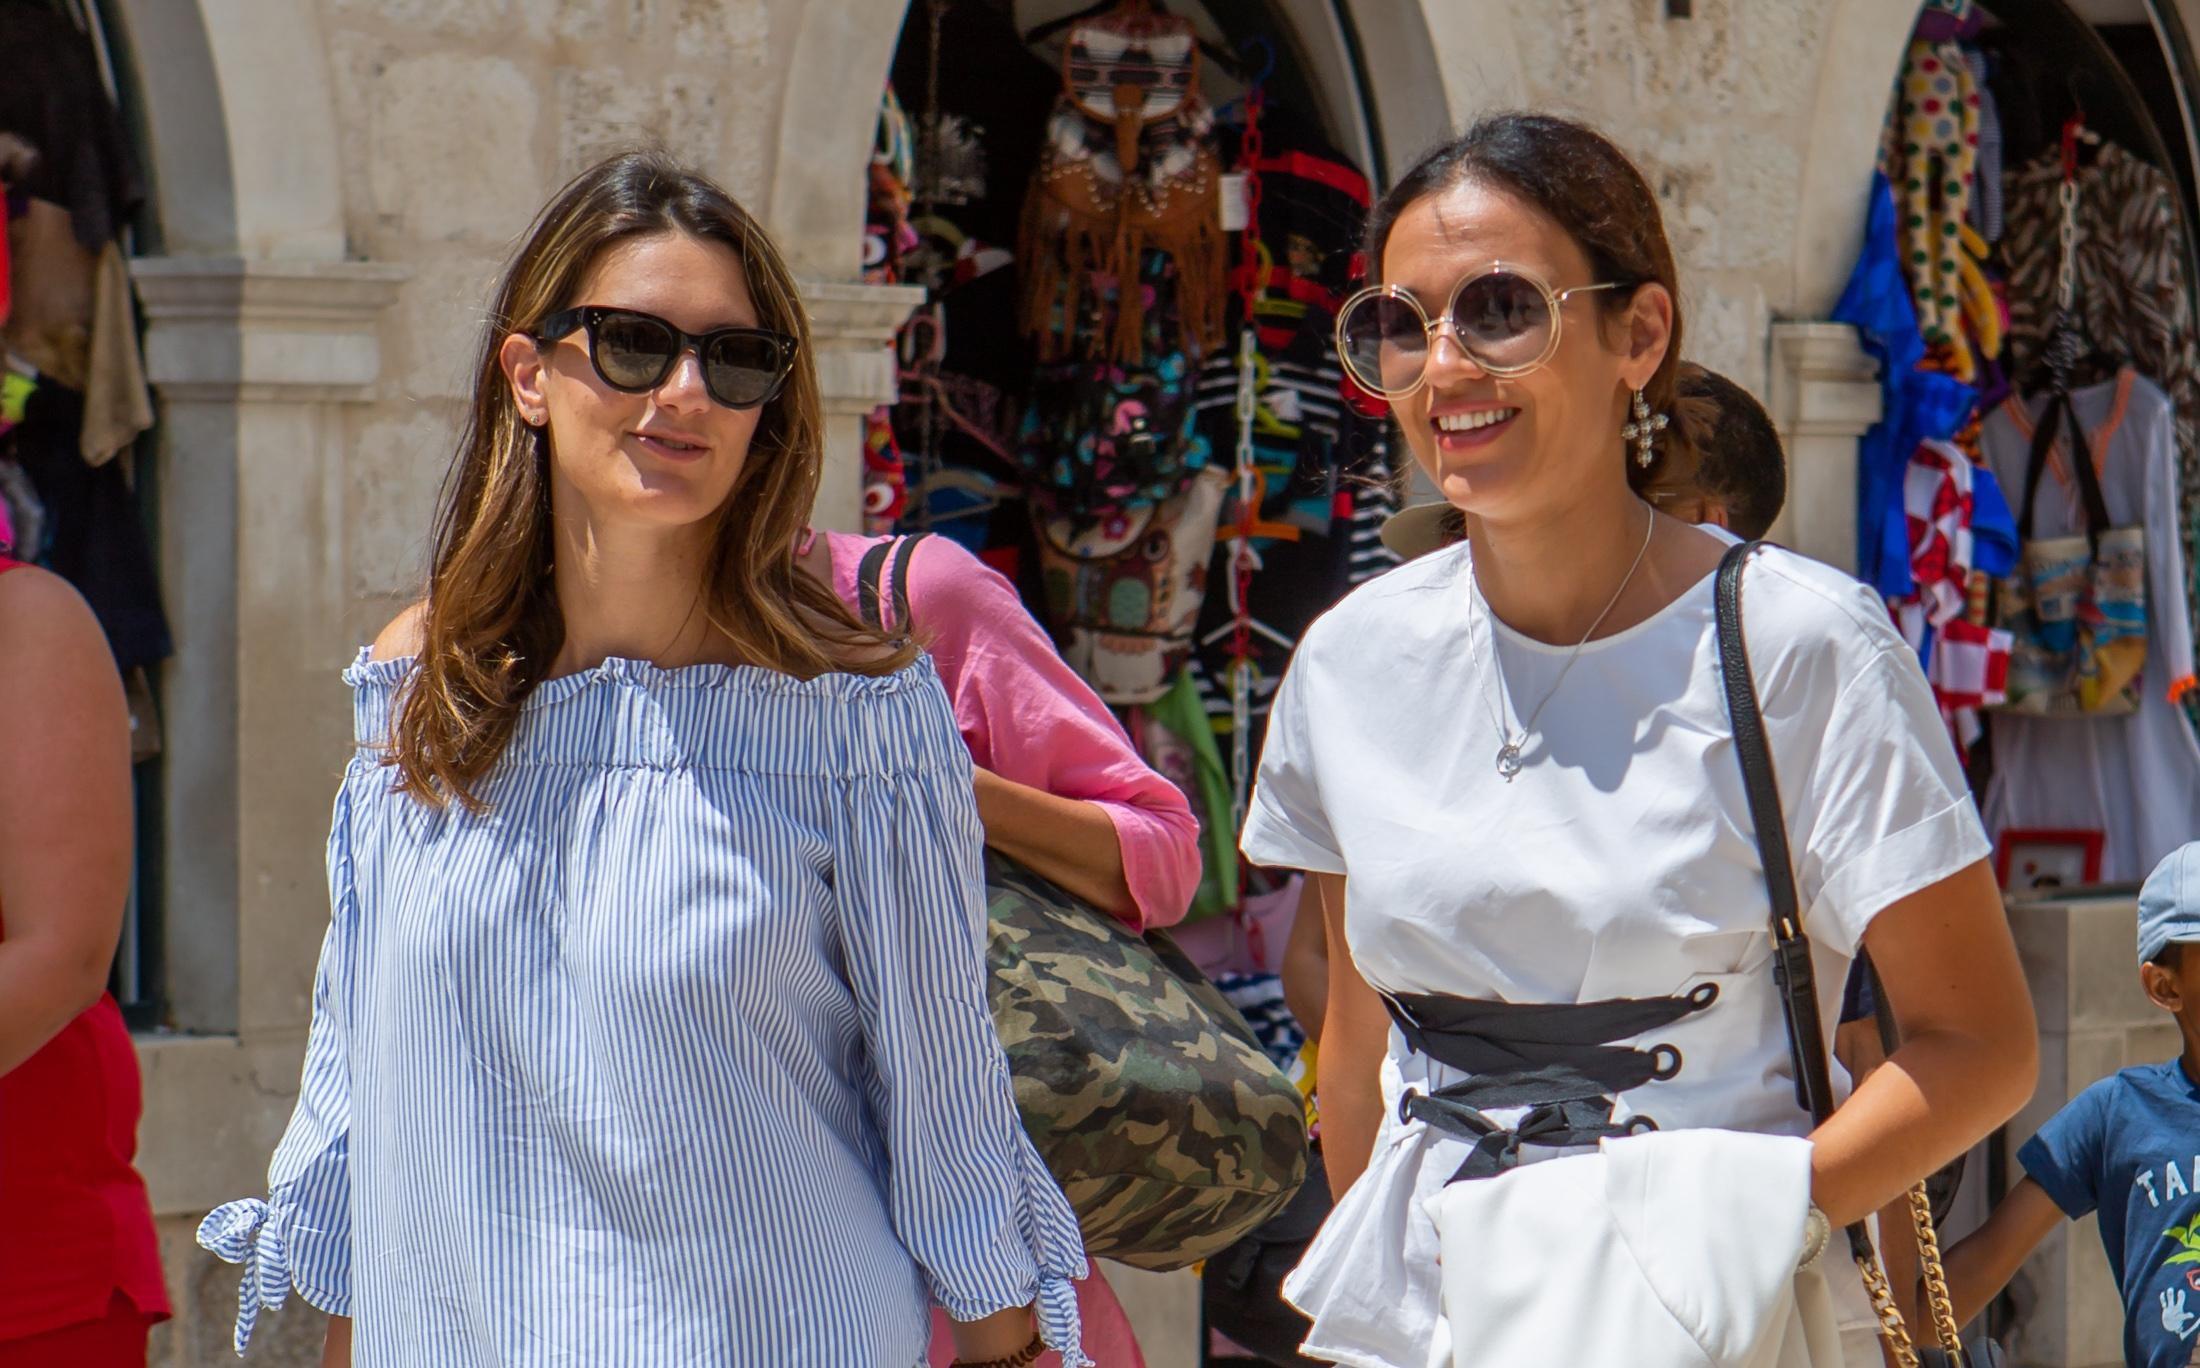 Kako nositi bijele hlače? Ove dvije zgodne dame očitale lekciju iz stila!